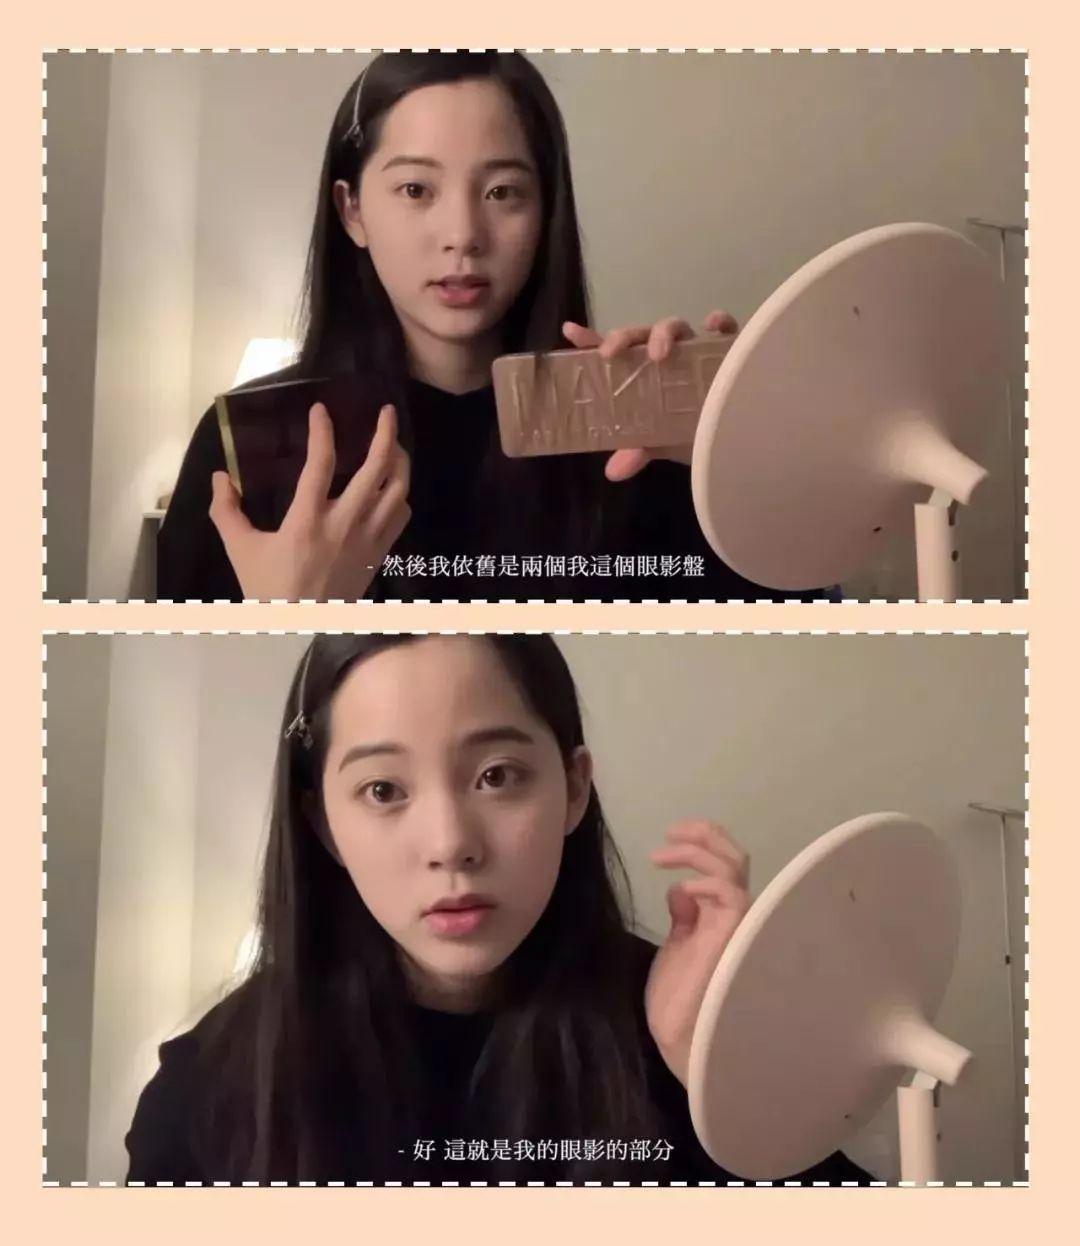 女生化妆和不化妆有什么区别?说出来你不一定信!!